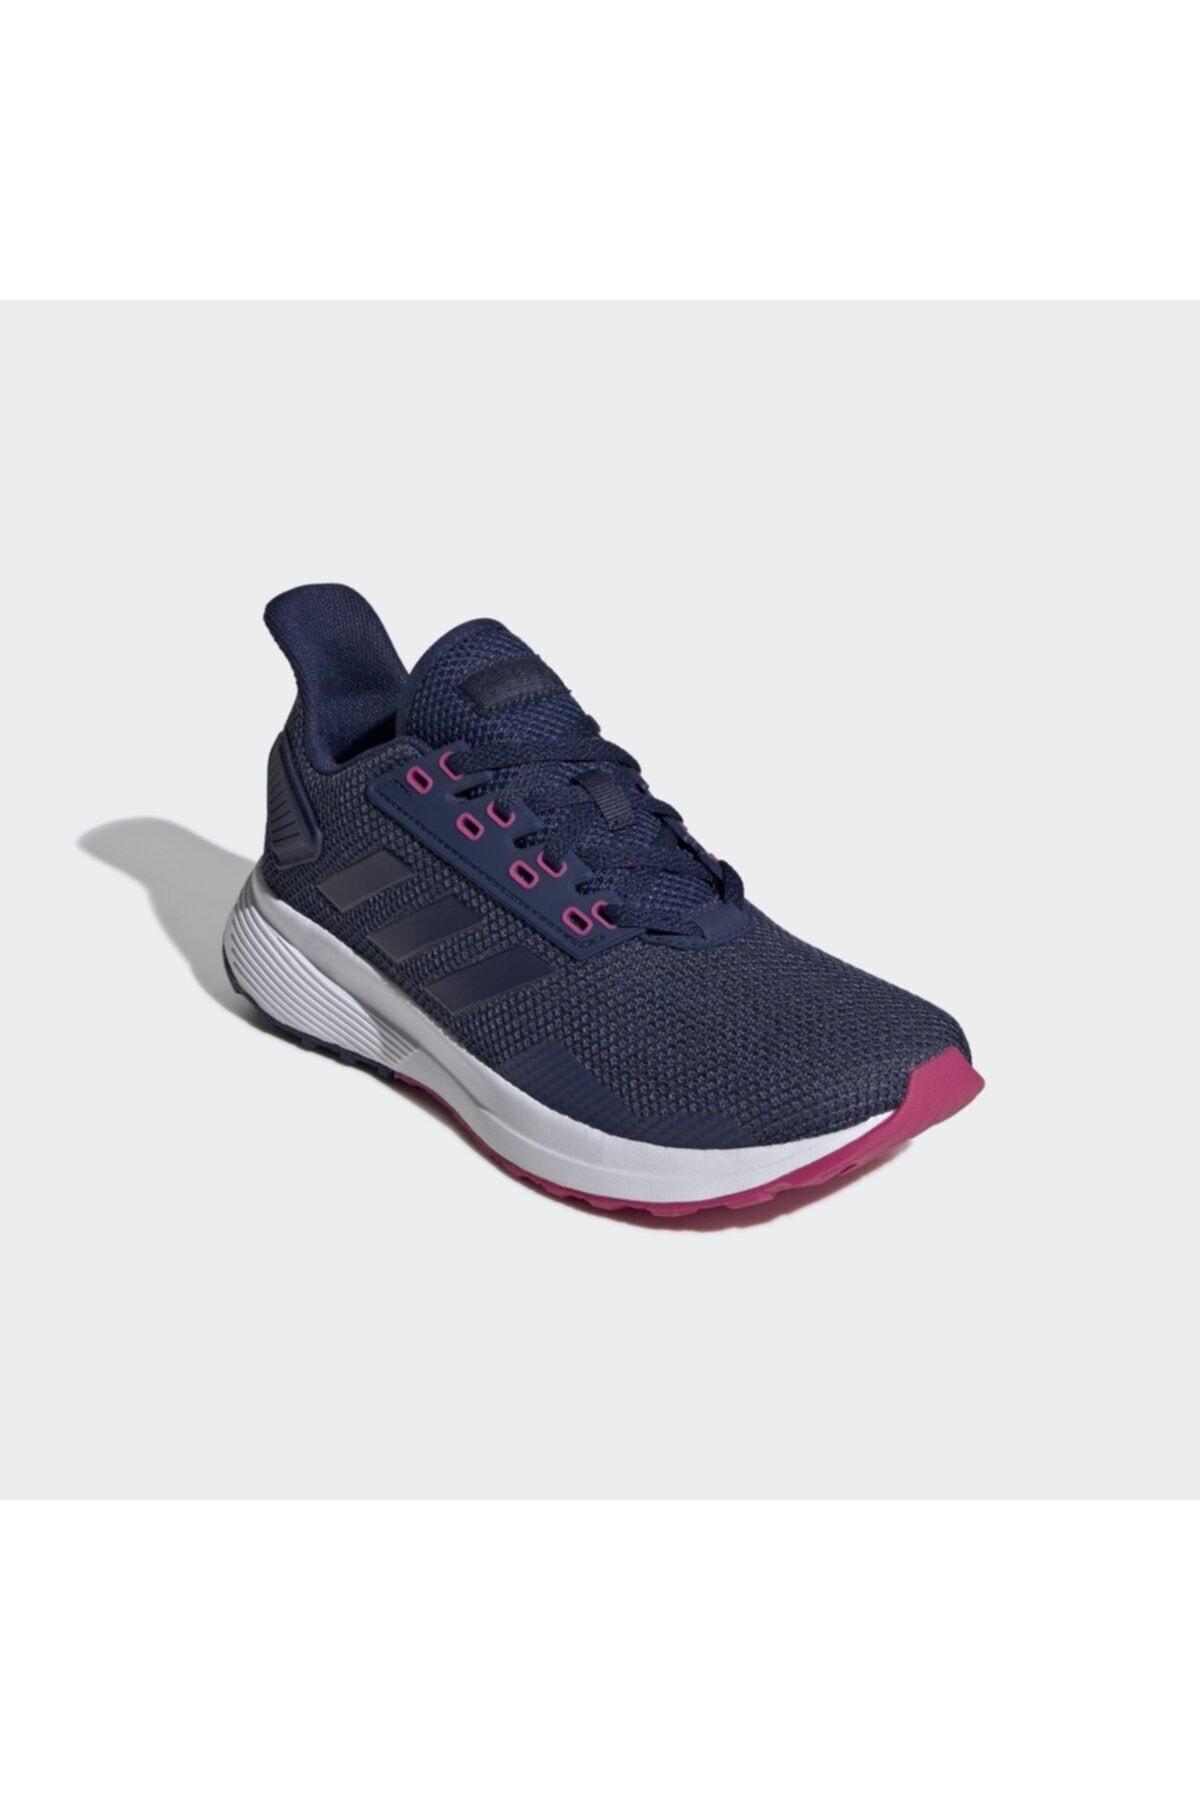 adidas F34761 Duramo 9 Lacivert Kadın Spor Ayakkabı 1